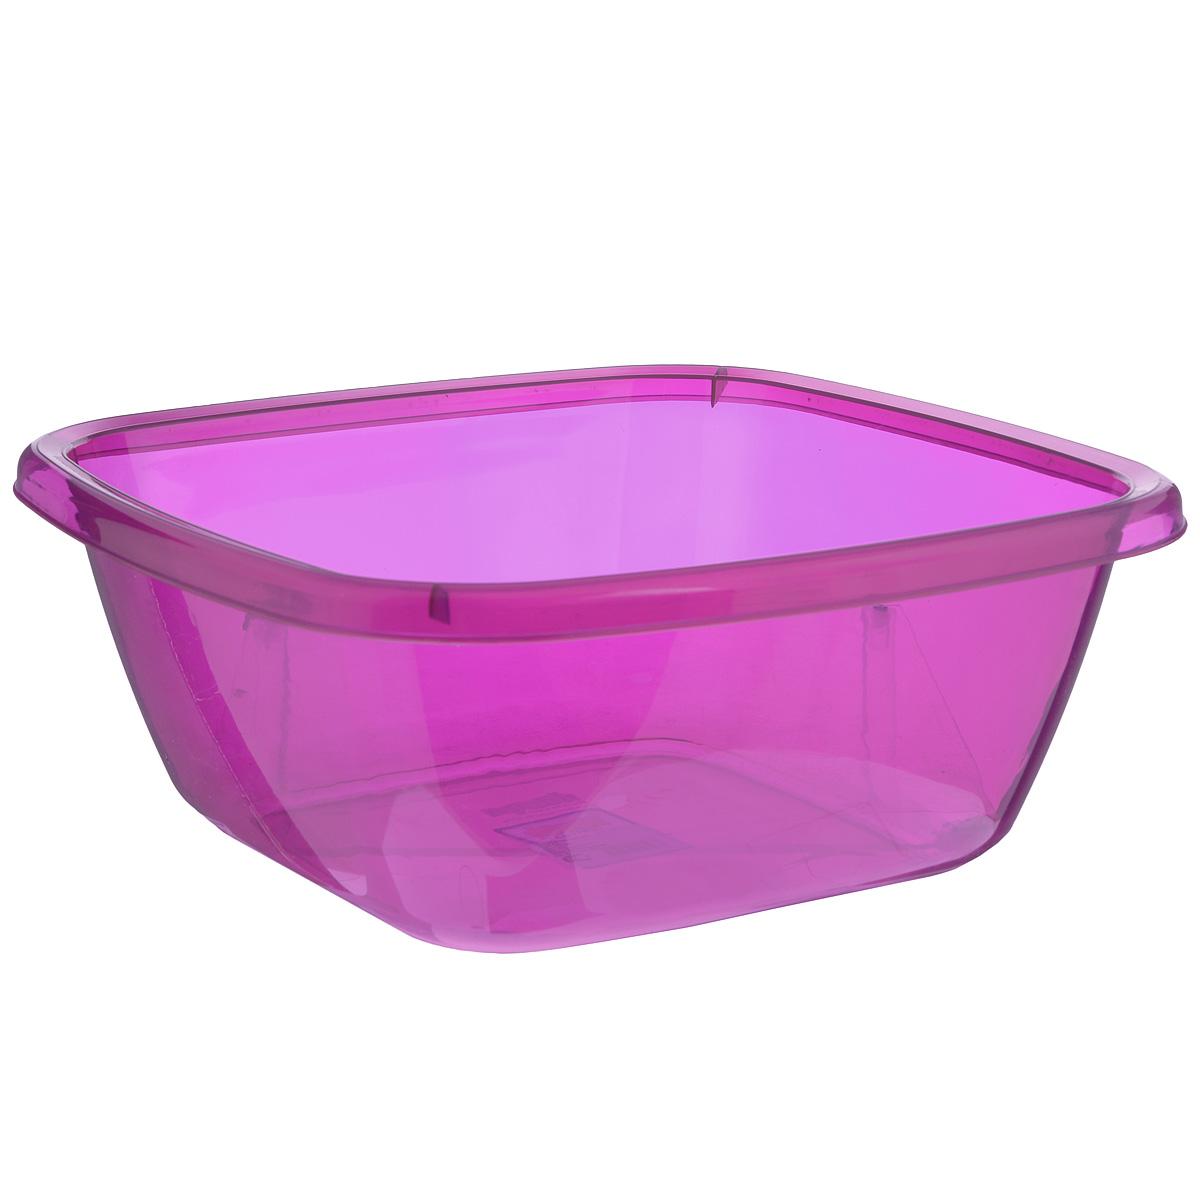 Таз квадратный Dunya Plastik, цвет: фуксия, 9,5 л10128Квадратный таз Dunya Plastik выполнен из прочного прозрачного пластика. Подойдет для различных бутовых нужд на кухне, в ванной, гараже и т.д. Такой таз пригодится в любом хозяйстве.